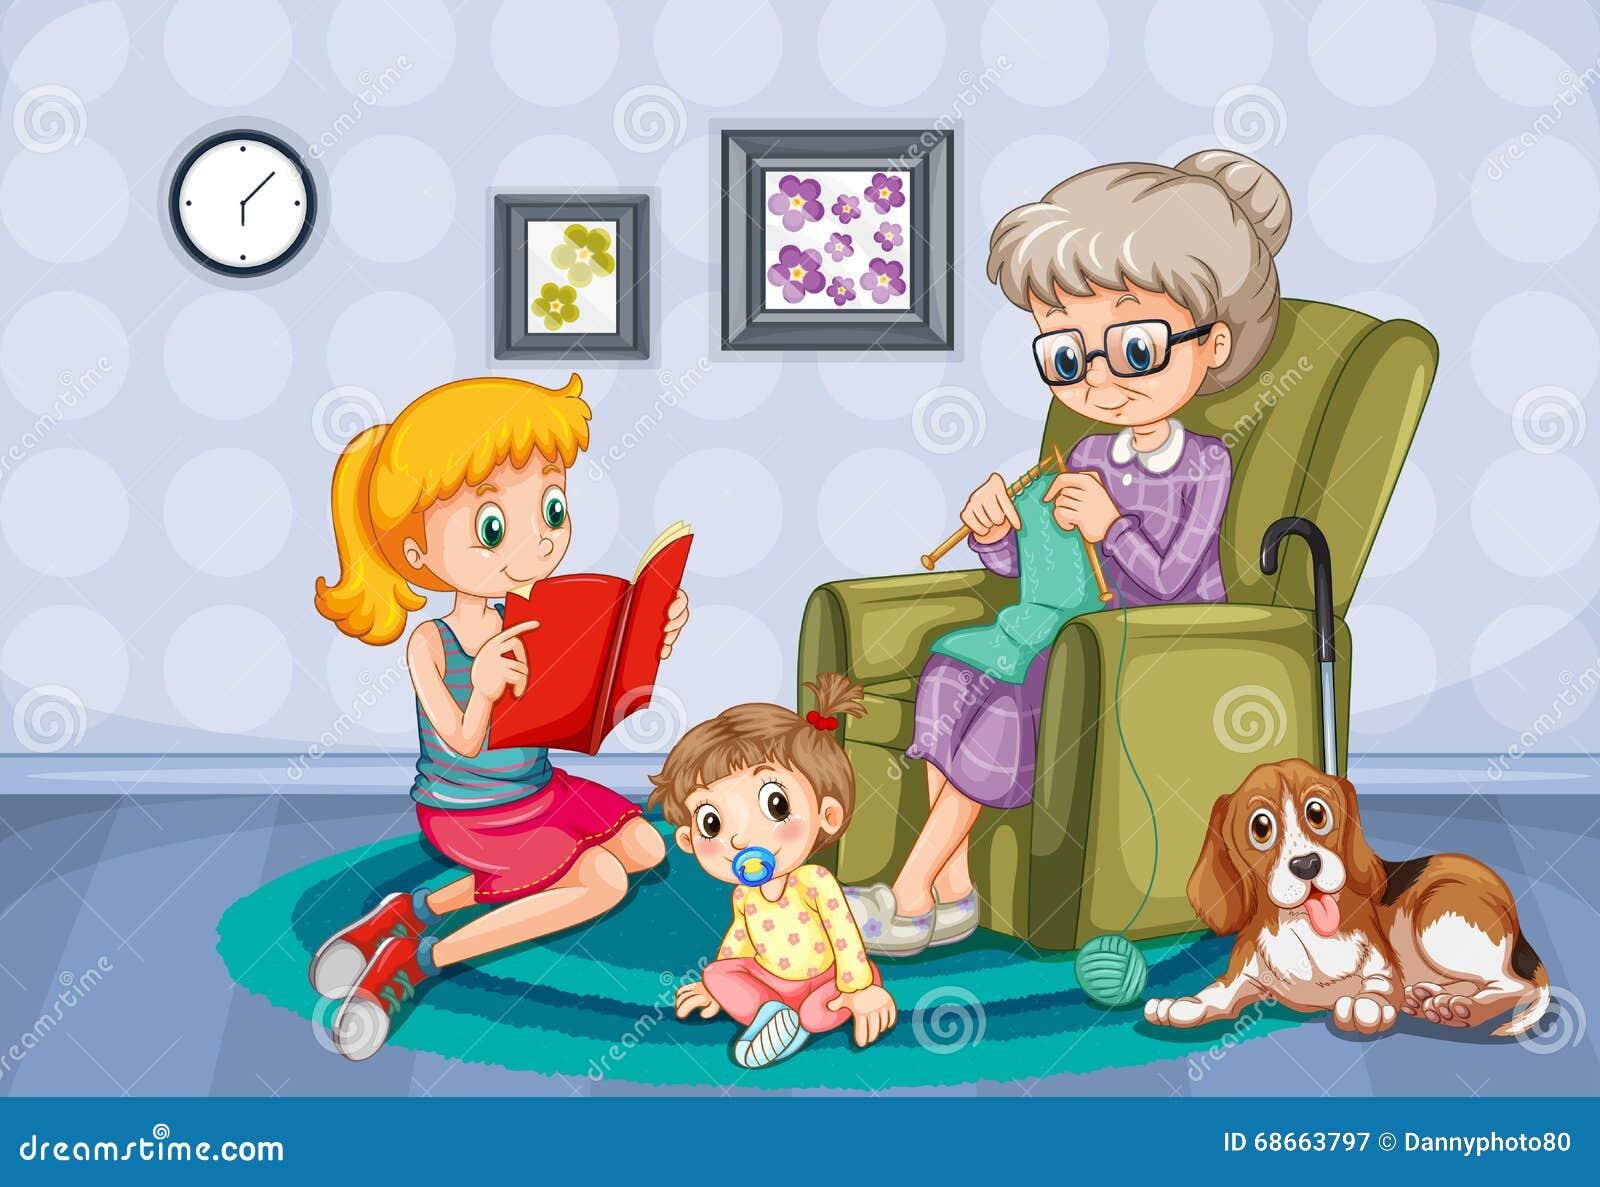 Abuela y niños en el cuarto